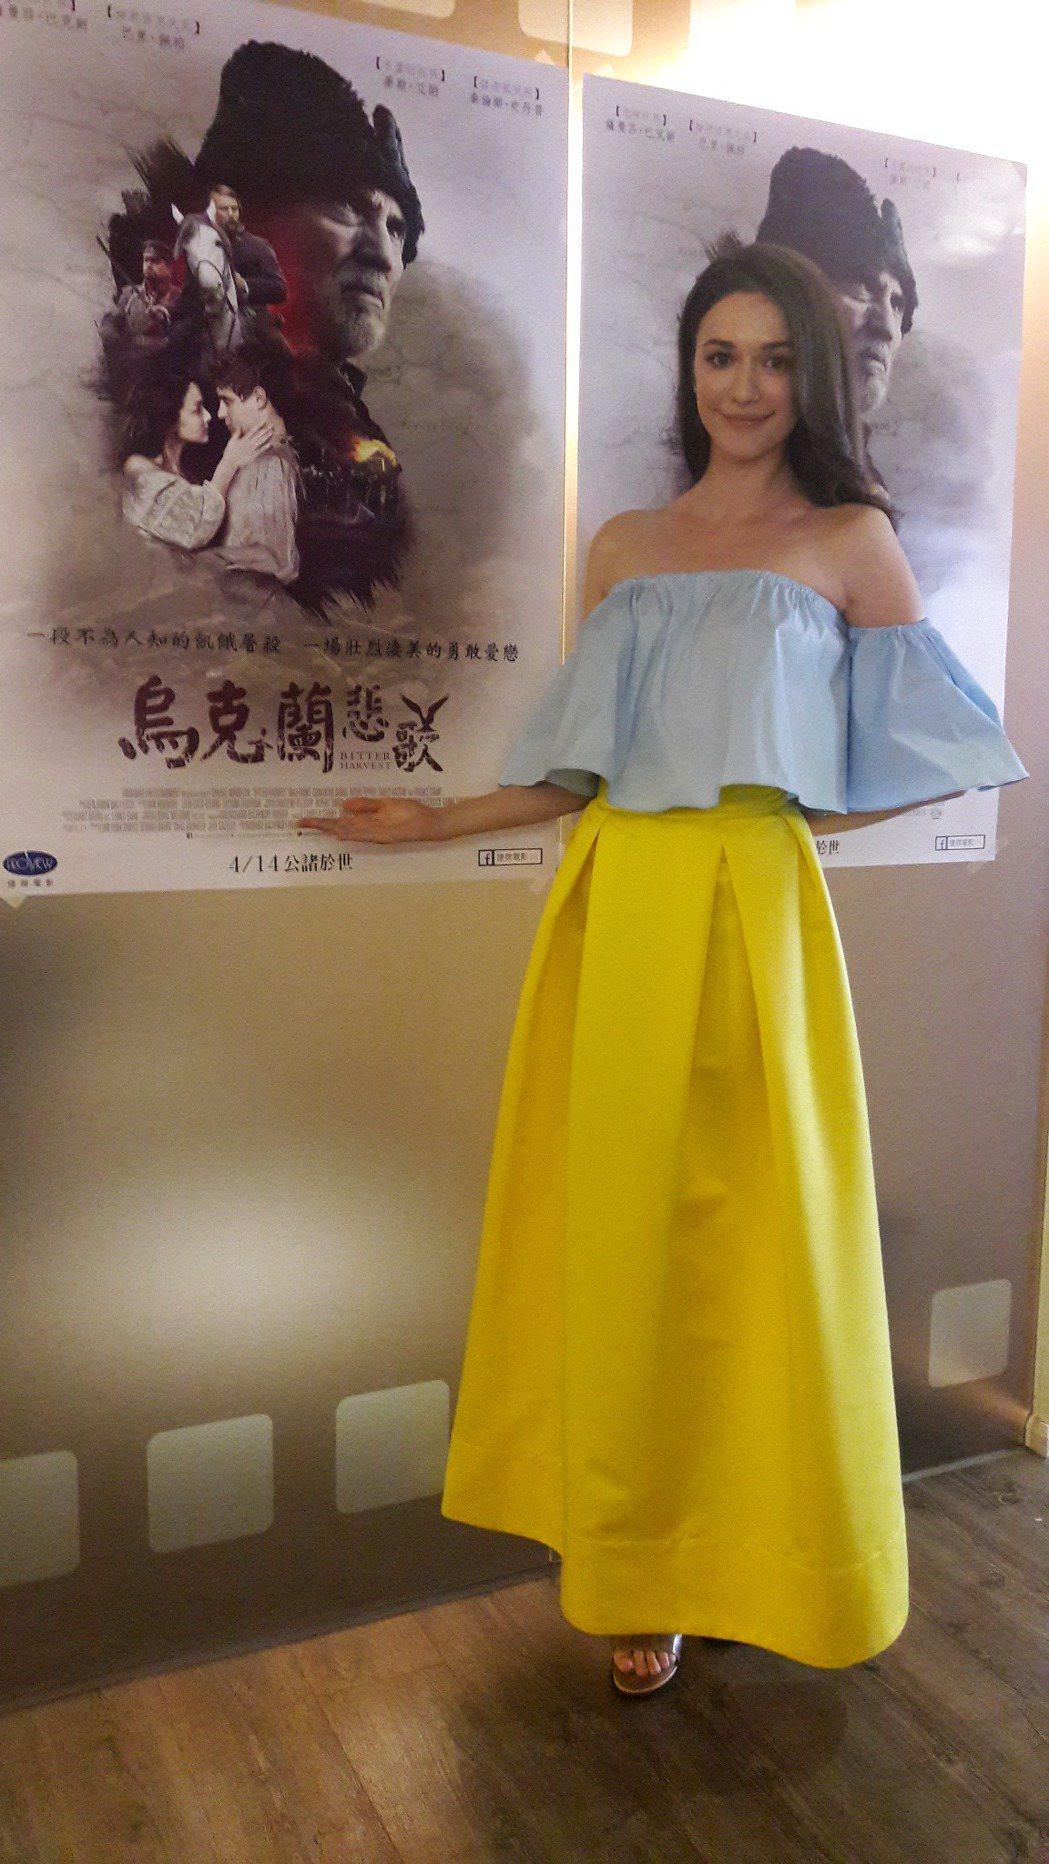 烏克蘭籍藝人瑞莎推薦新片「烏克蘭悲歌」,特地以祖國國旗顏色搭配服裝。記者童一寧/...